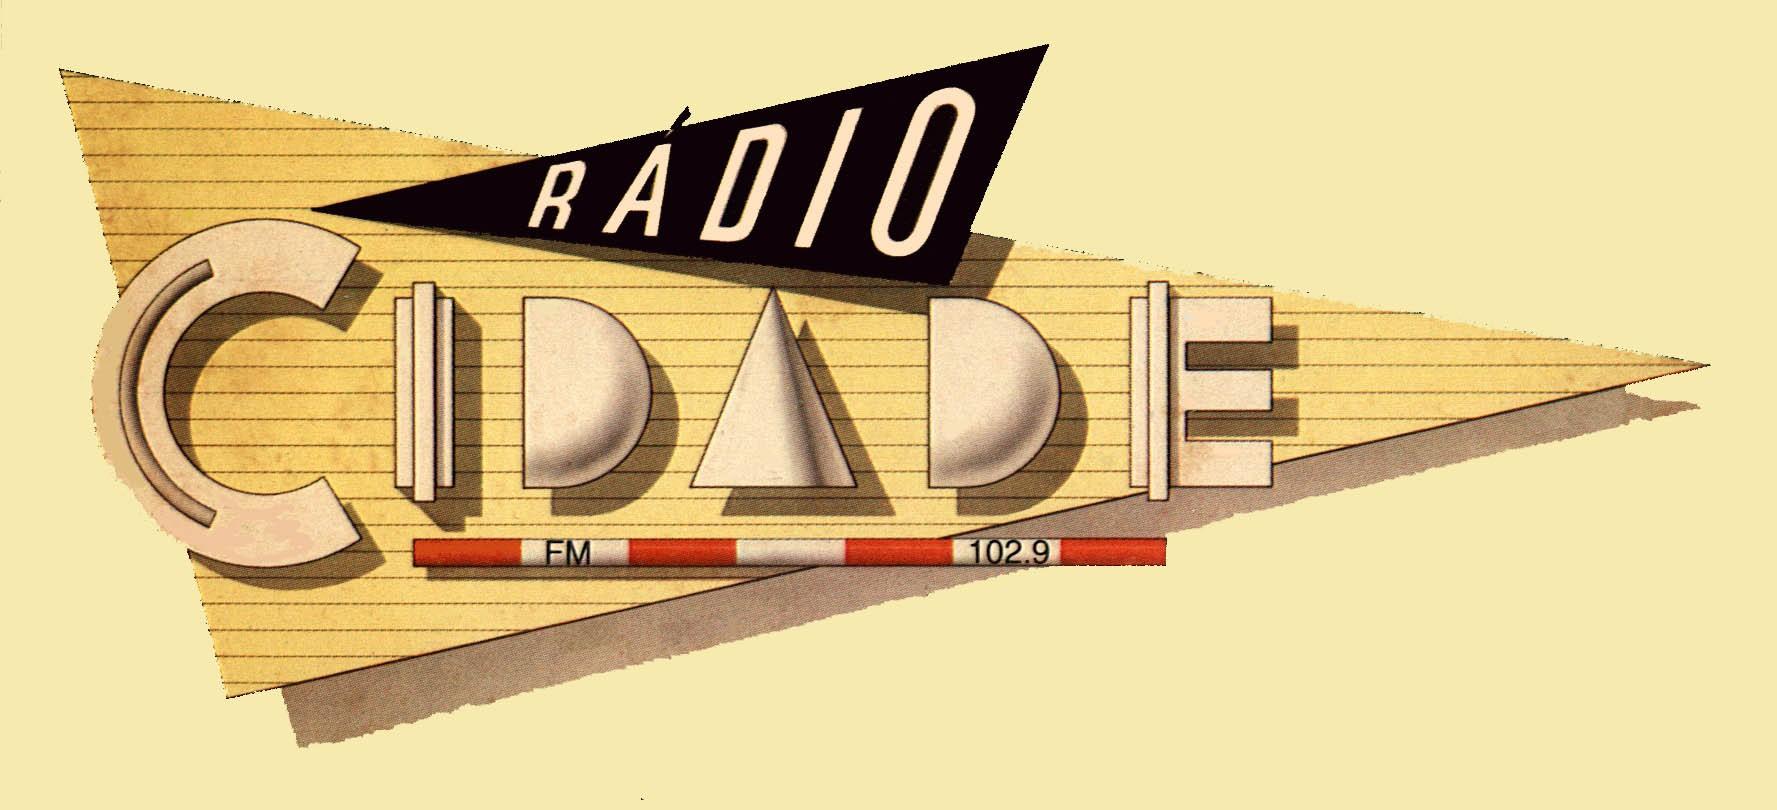 Rádio Cidade (Rio de Janeiro)